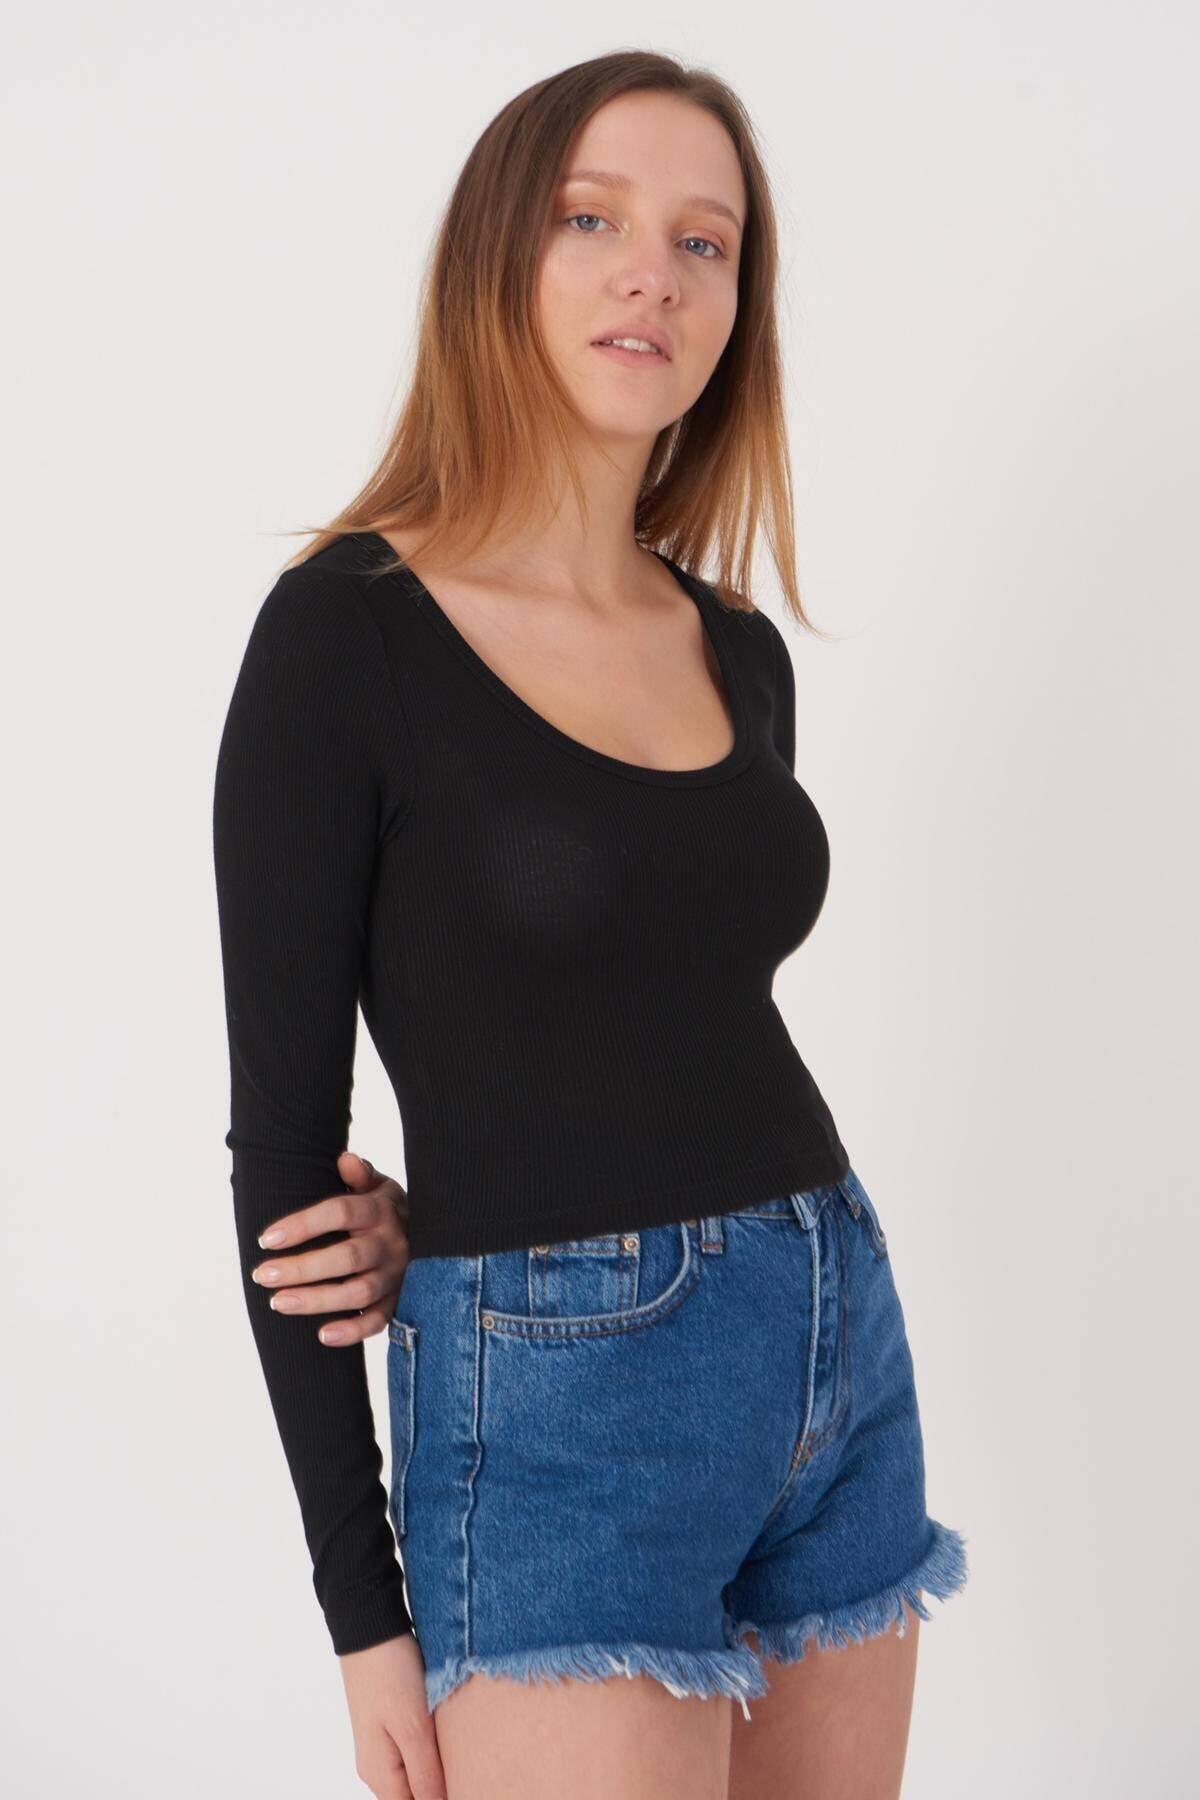 Addax Kadın Siyah Basic Bluz B1090 - T13 ADX-0000023405 2